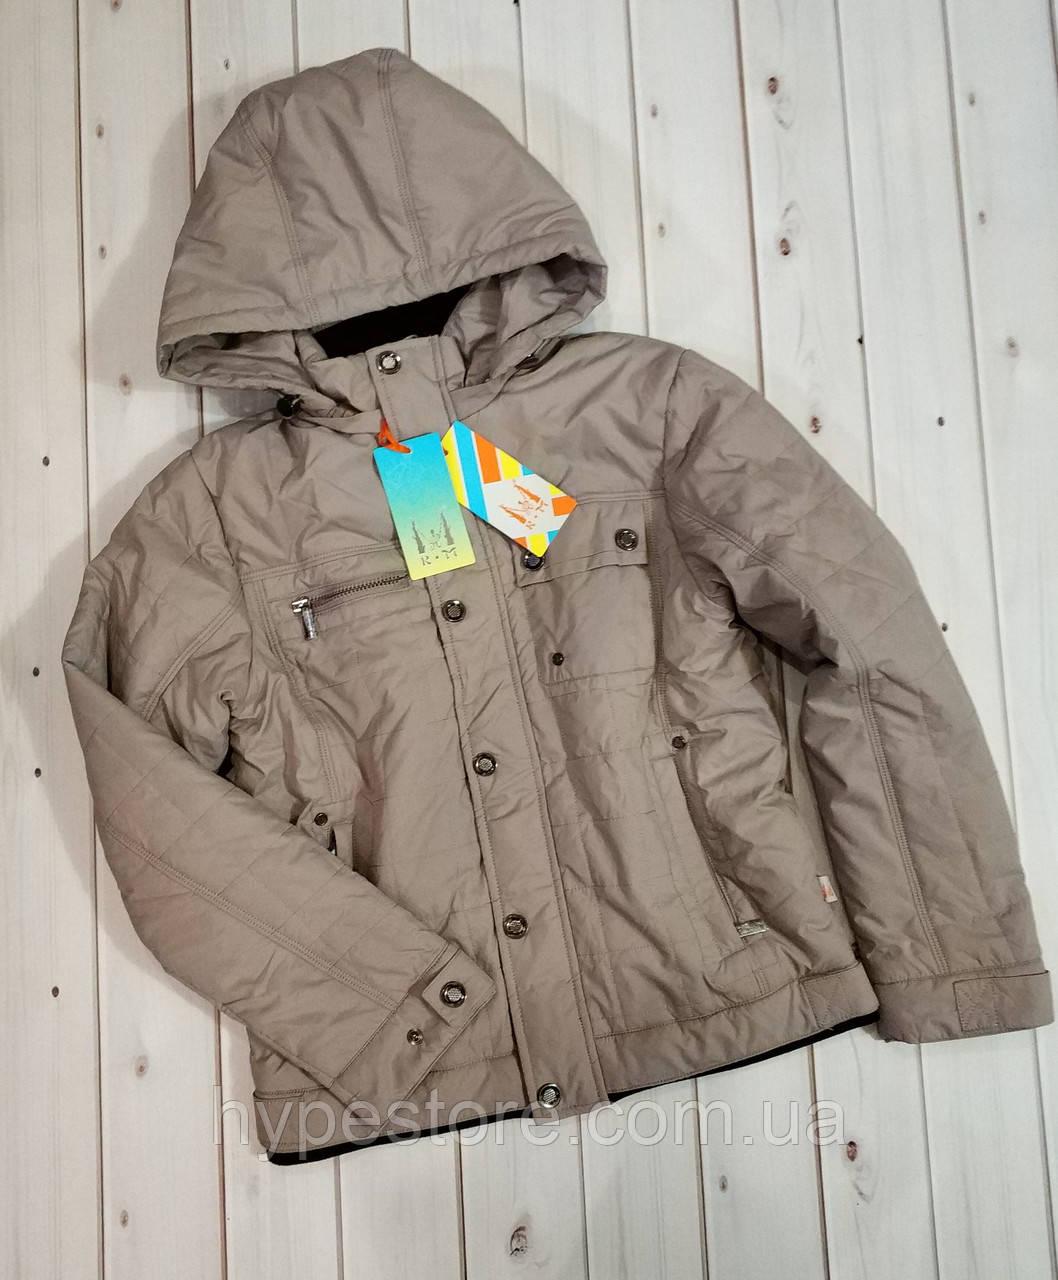 Демисезонная куртка для мальчика подростка от бренда RM kids,ветровка, качество отличное